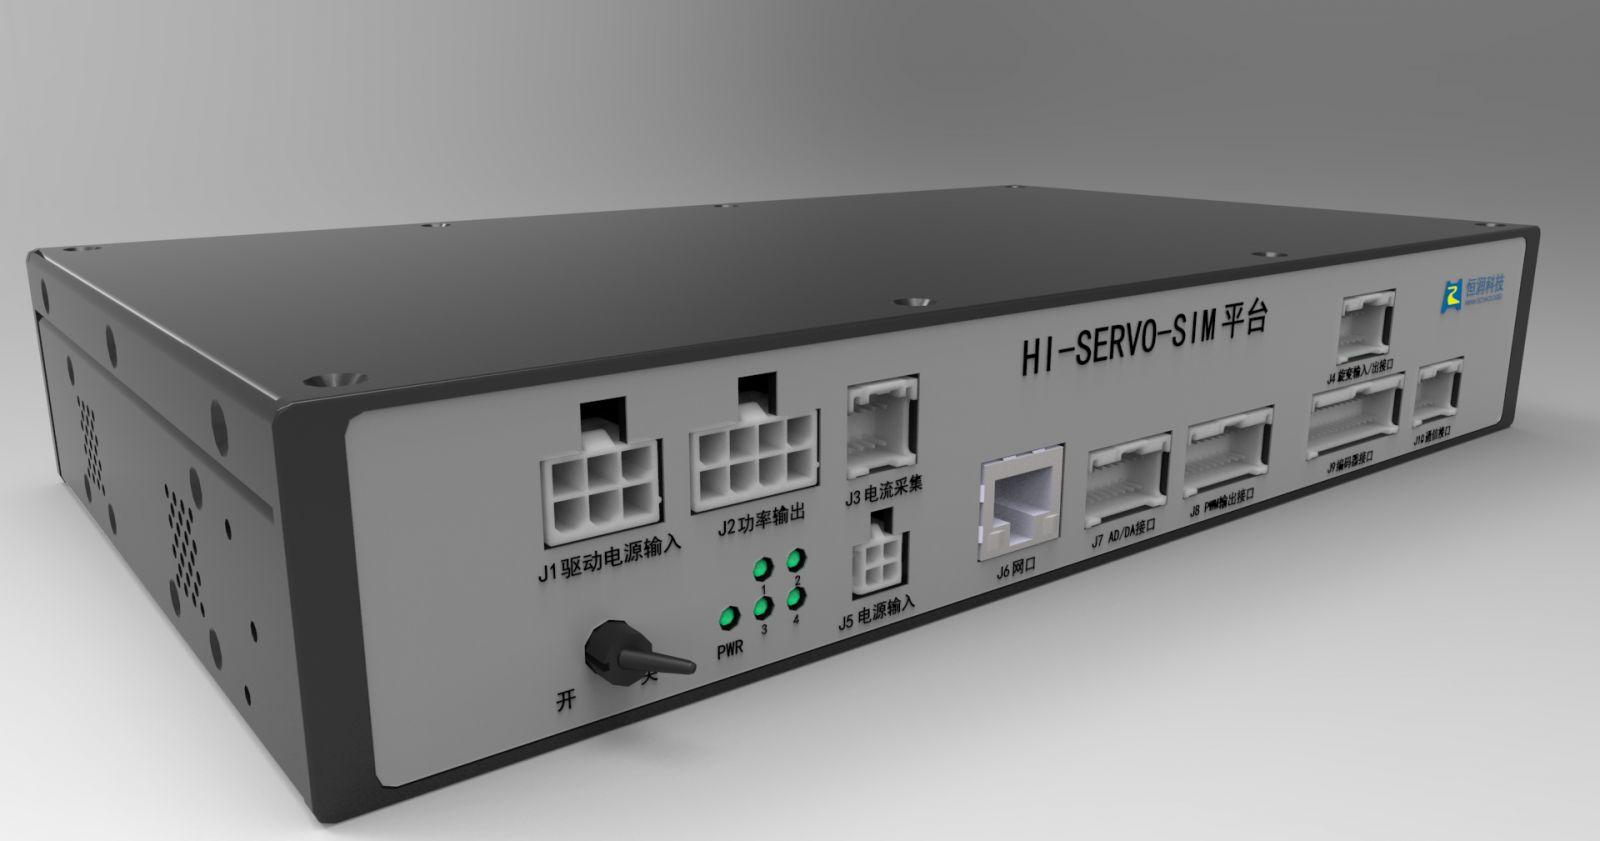 伺服系统开发助手HI-SERVO-SIM测试平台